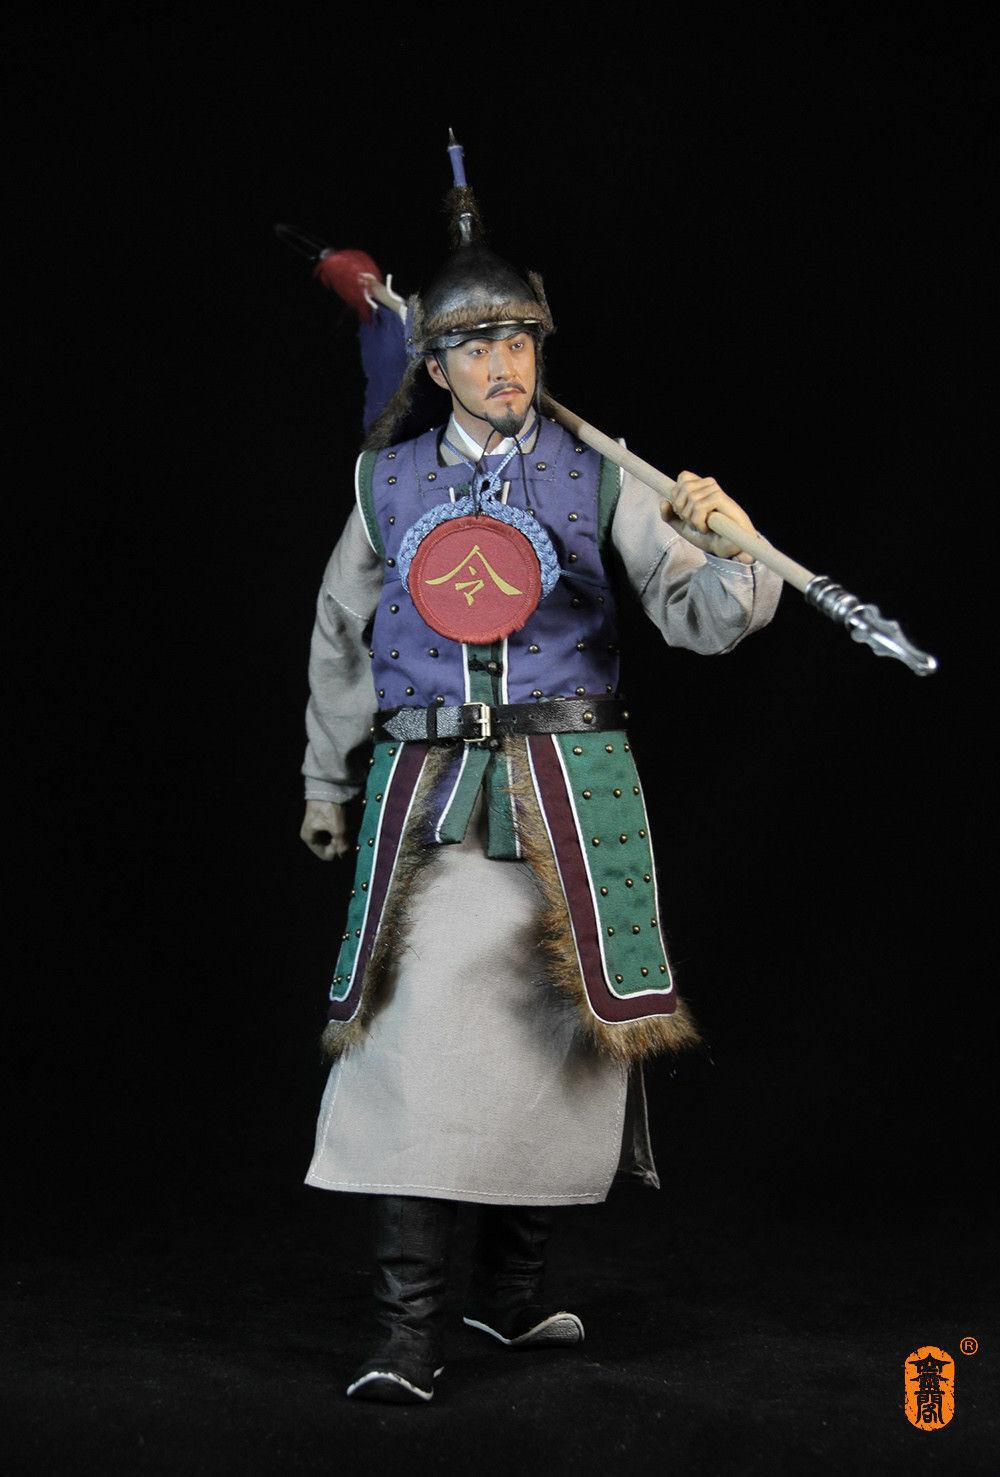 Klg - dk001 1   6 transmisores dinastías Ming con un juguete militar intacto